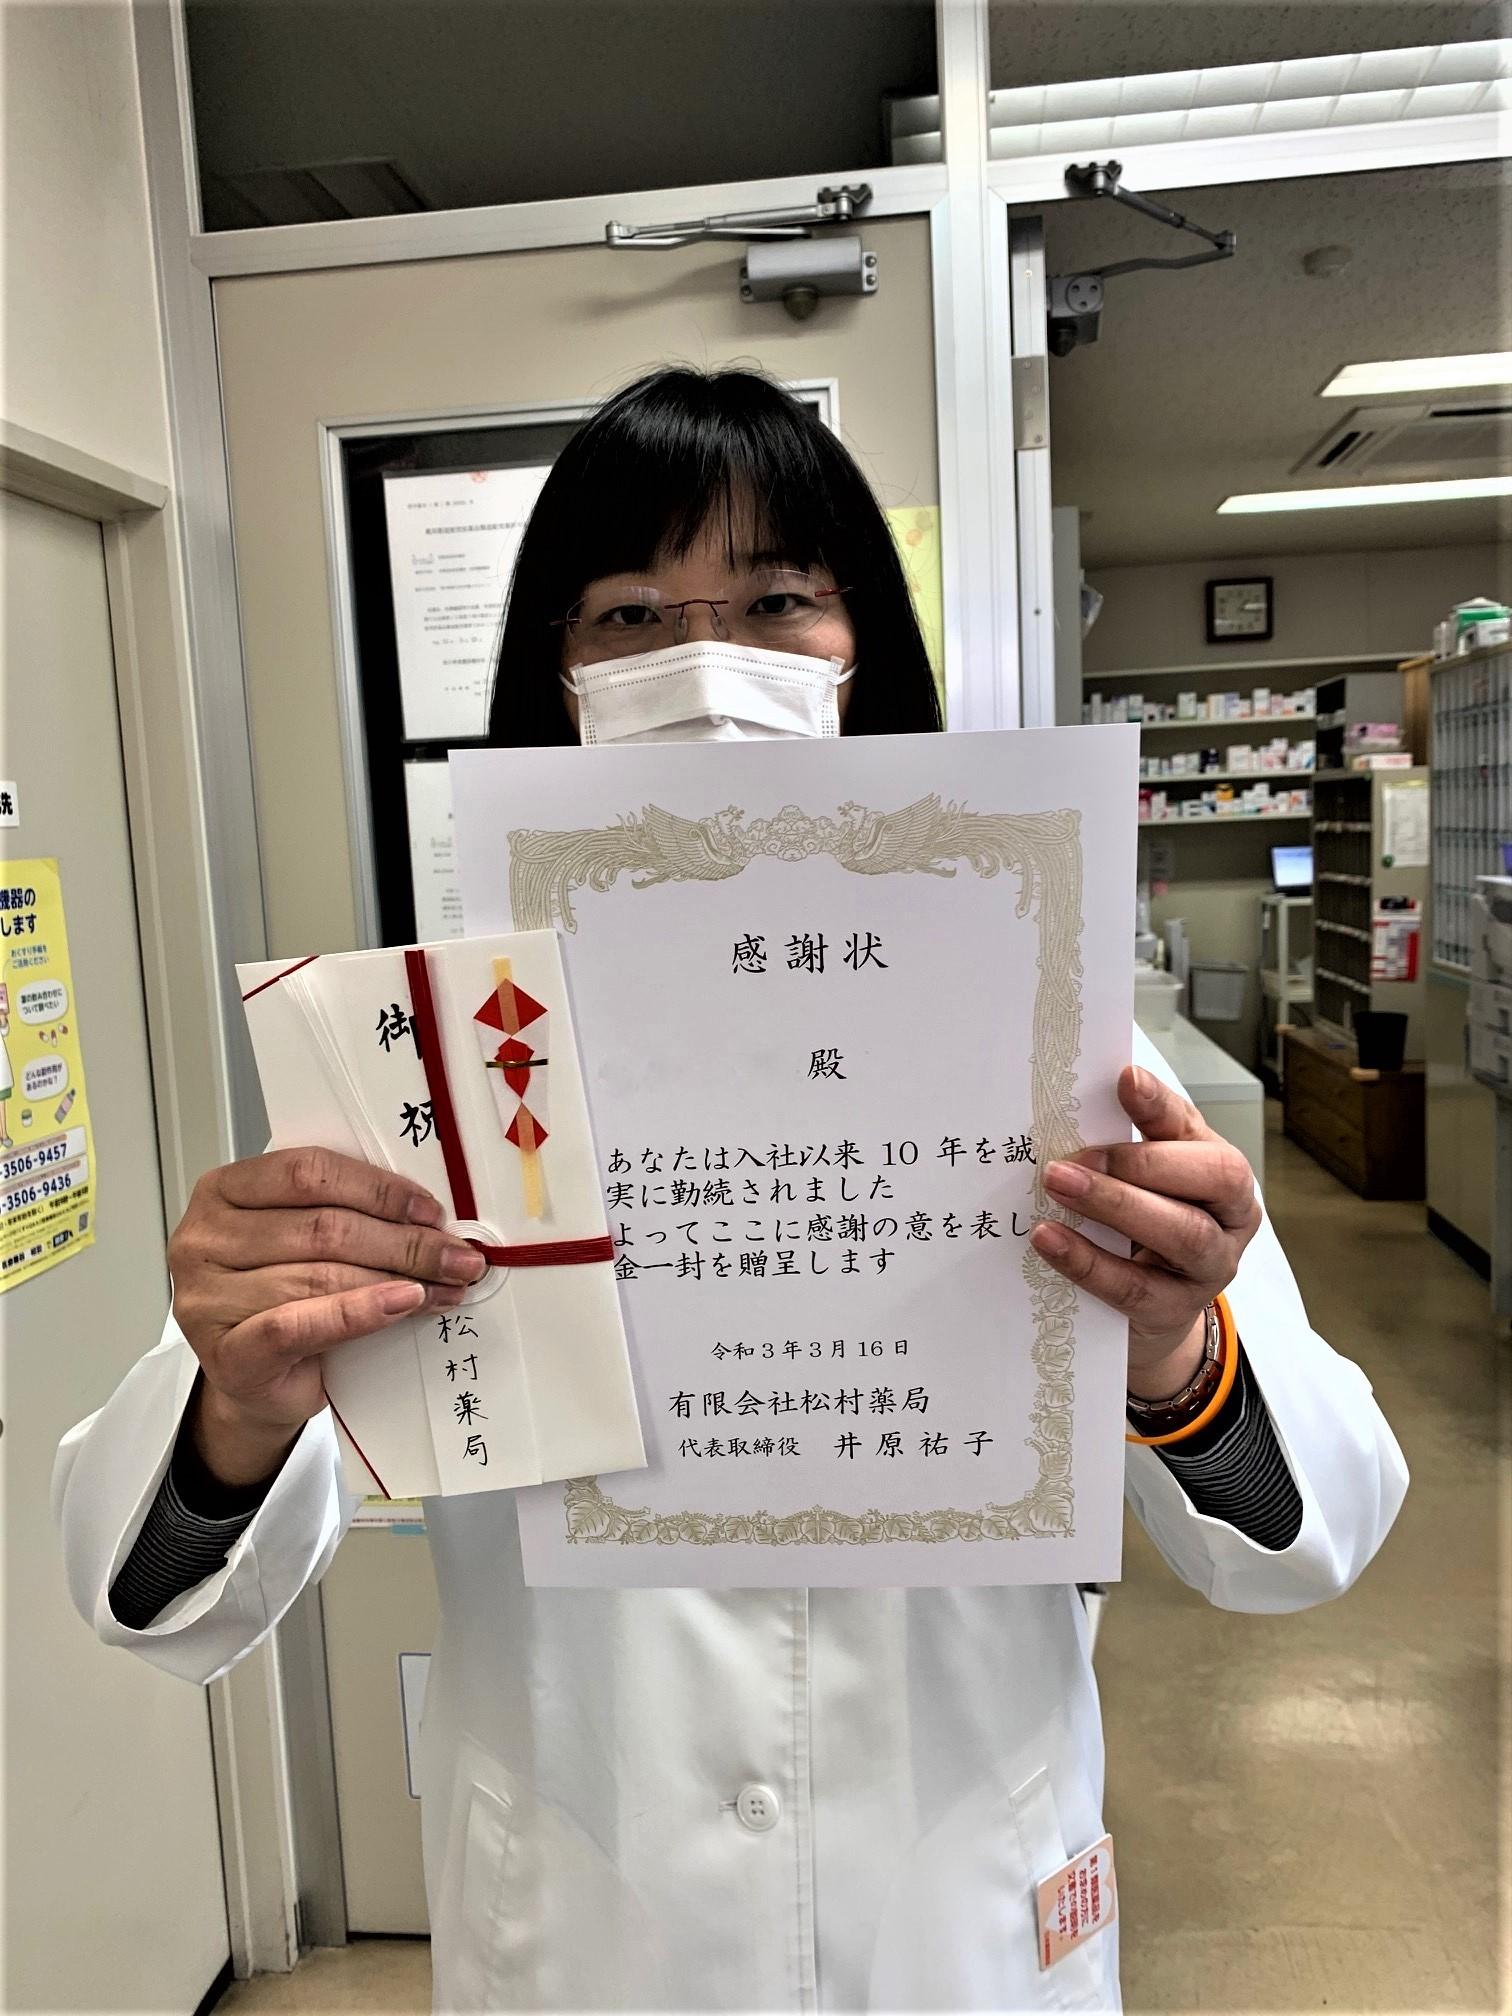 永年勤続表彰」 | 有限会社 松村薬局